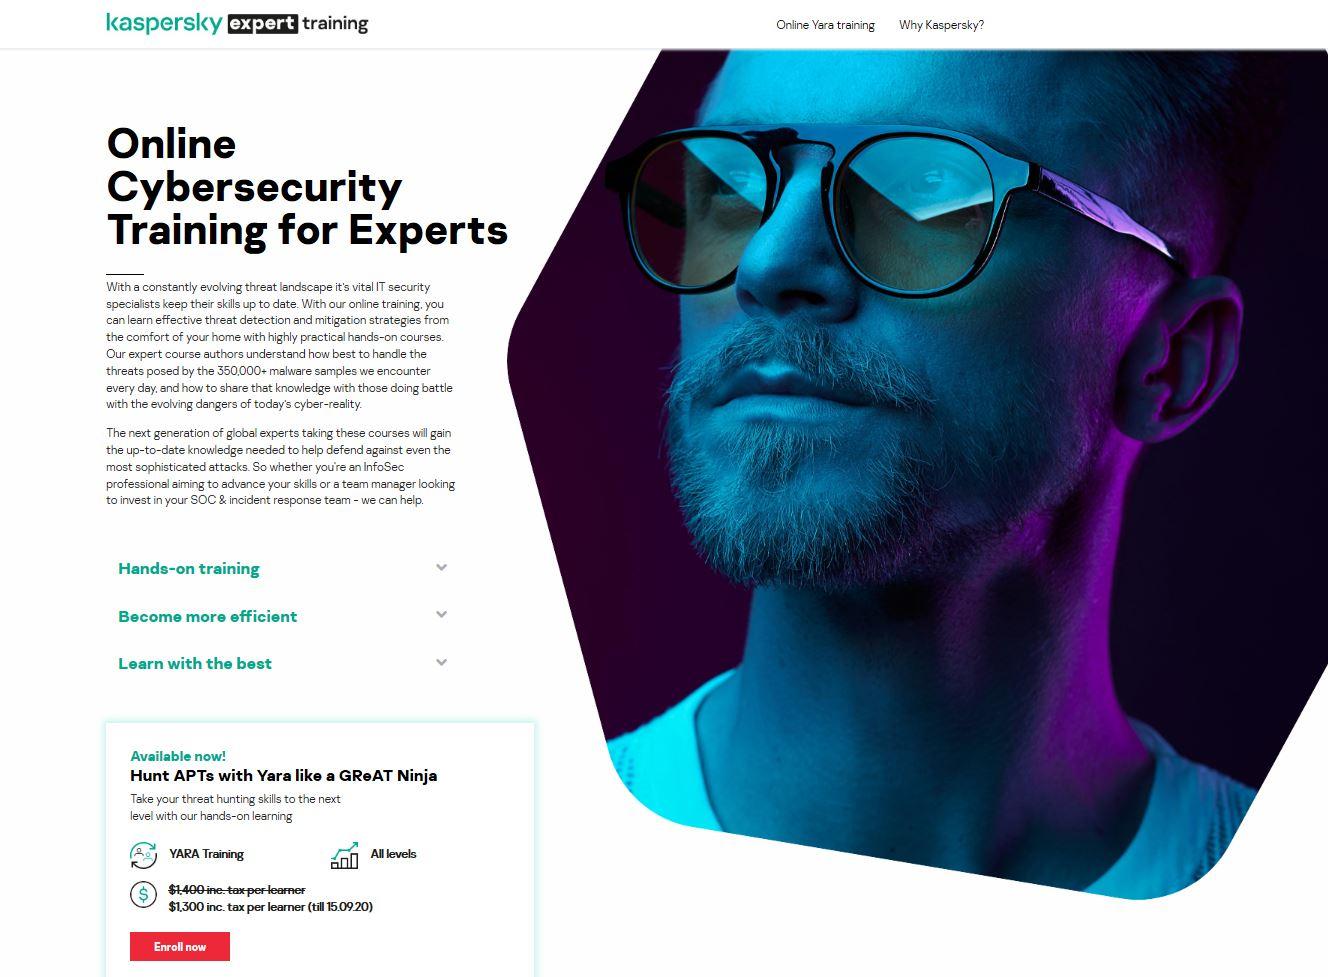 Онлайн-тренинг для экспертов по кибербезопасности: Hunt APTs with YARA like GReAT ninja